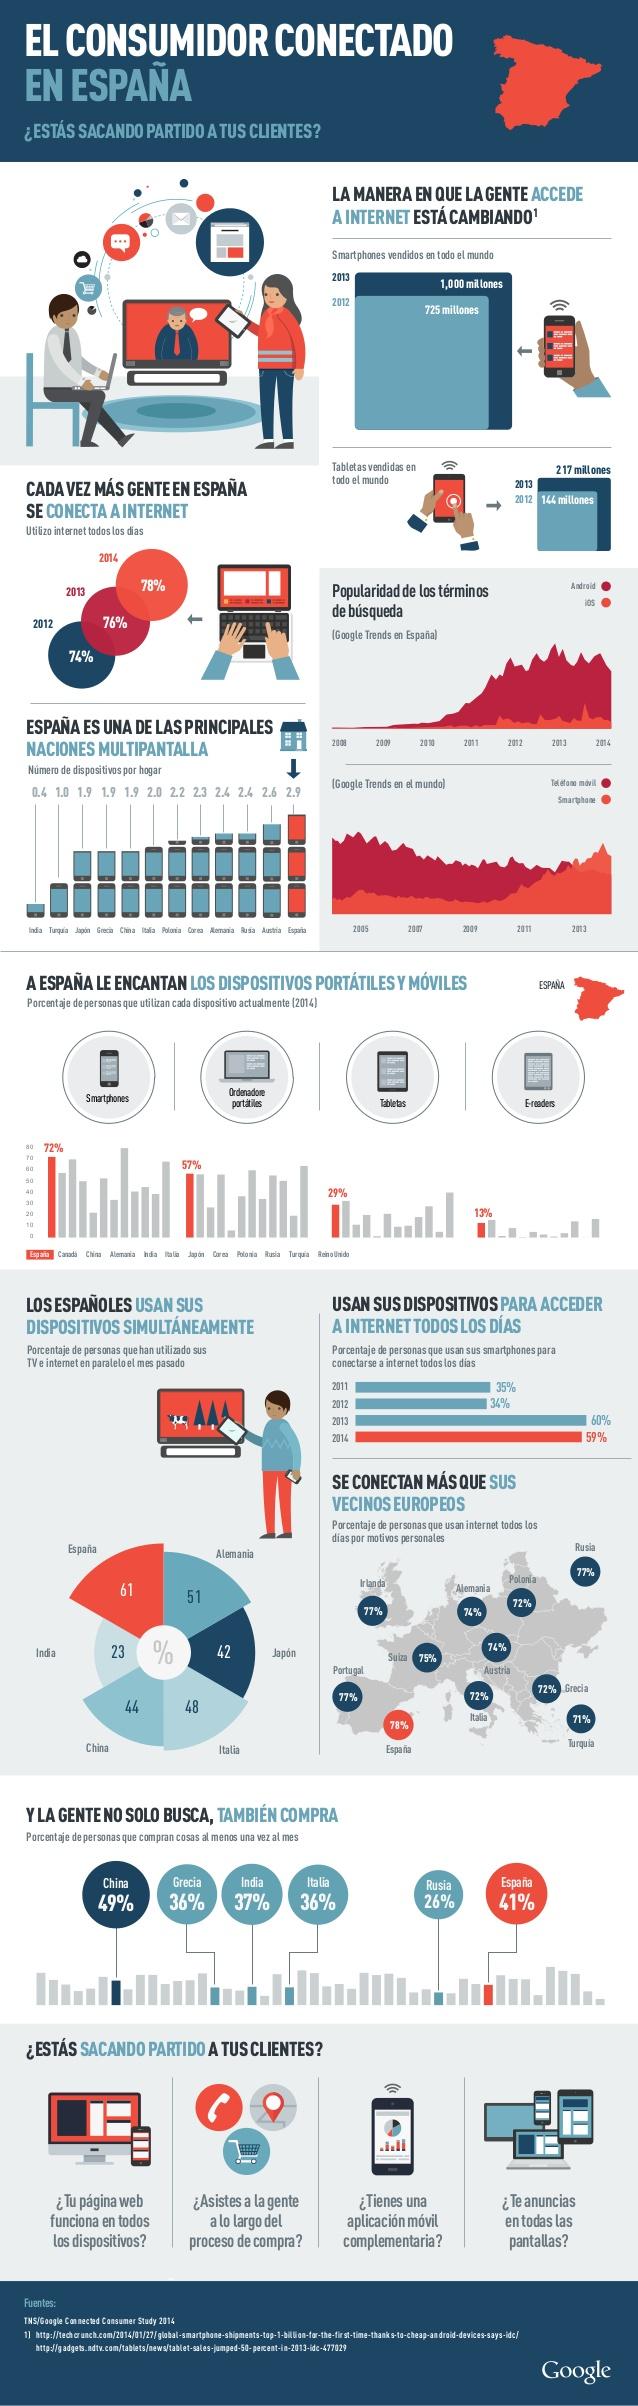 El consumidor conectado en España - Infografía de Google